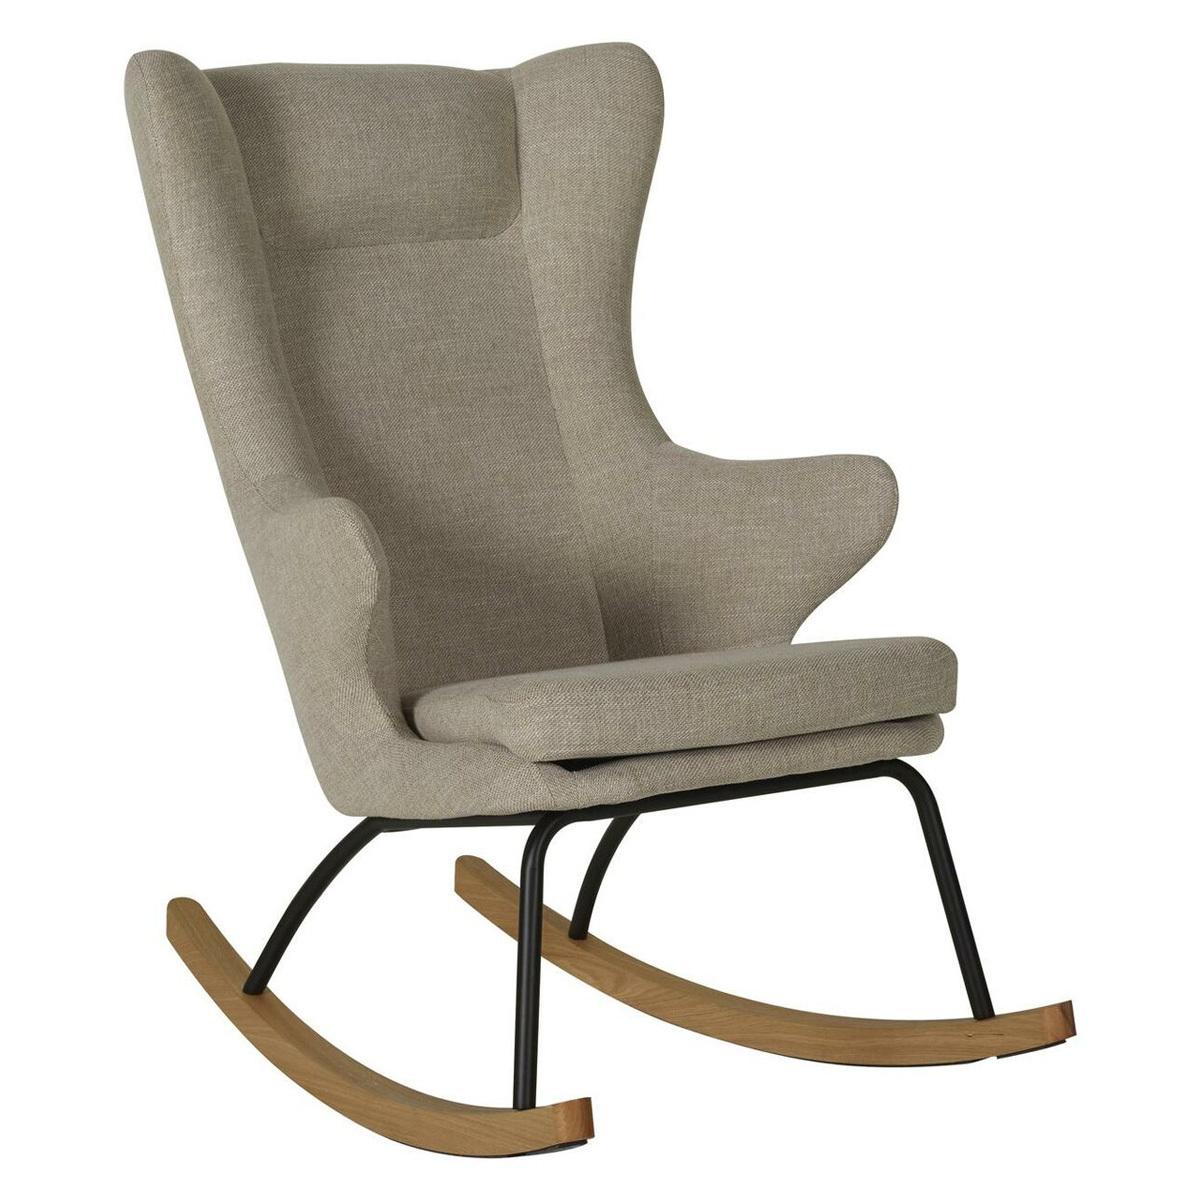 Fauteuil Rocking Adult Chair De Luxe - Argile Rocking Adult Chair De Luxe - Argile